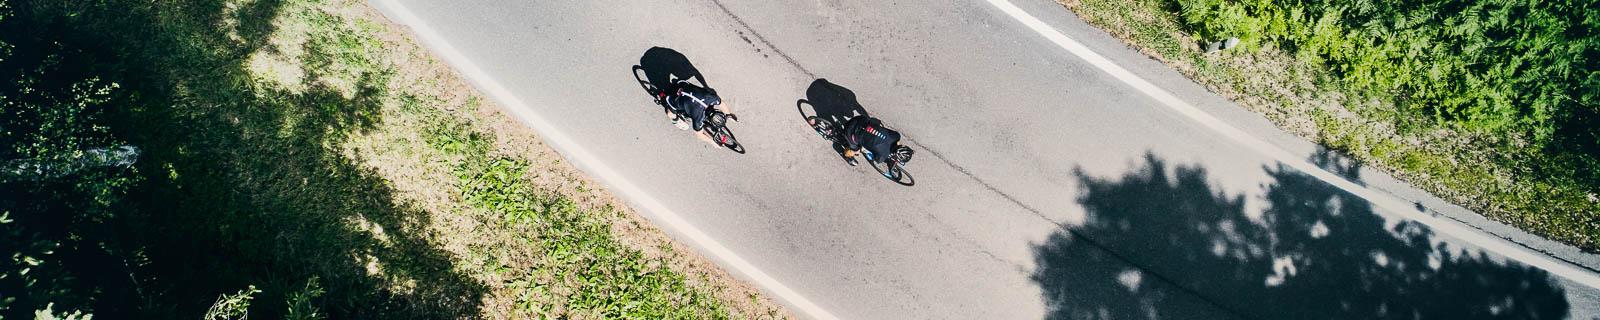 Bici elettriche da Corsa per Uomo